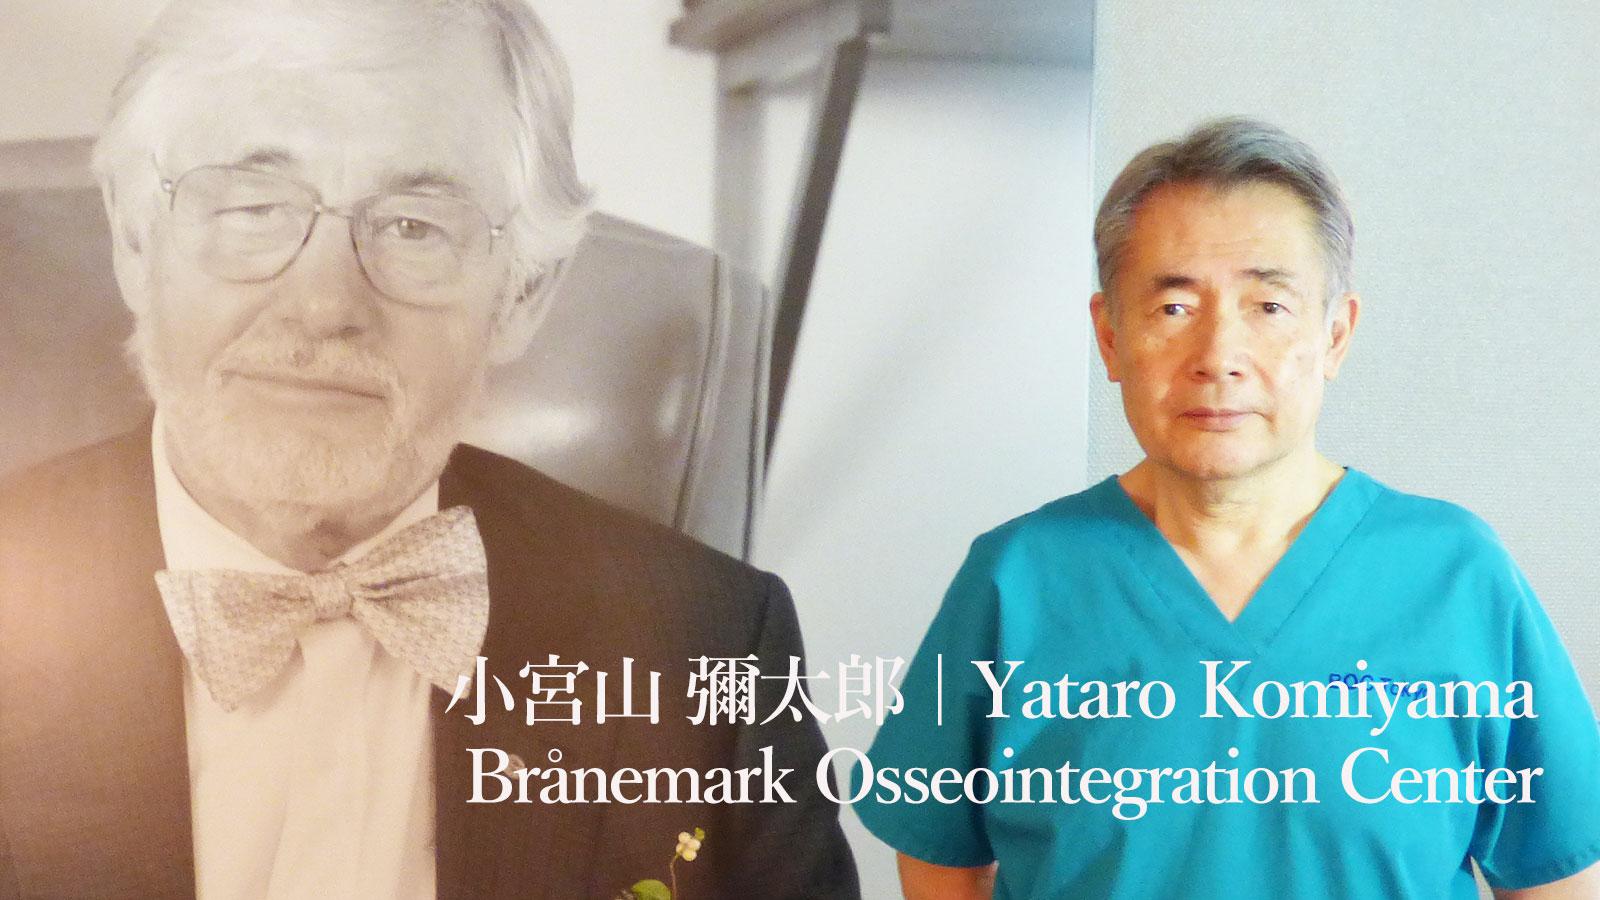 小宮山彌太郎先生 前編『これまでのキャリアについて』の画像です